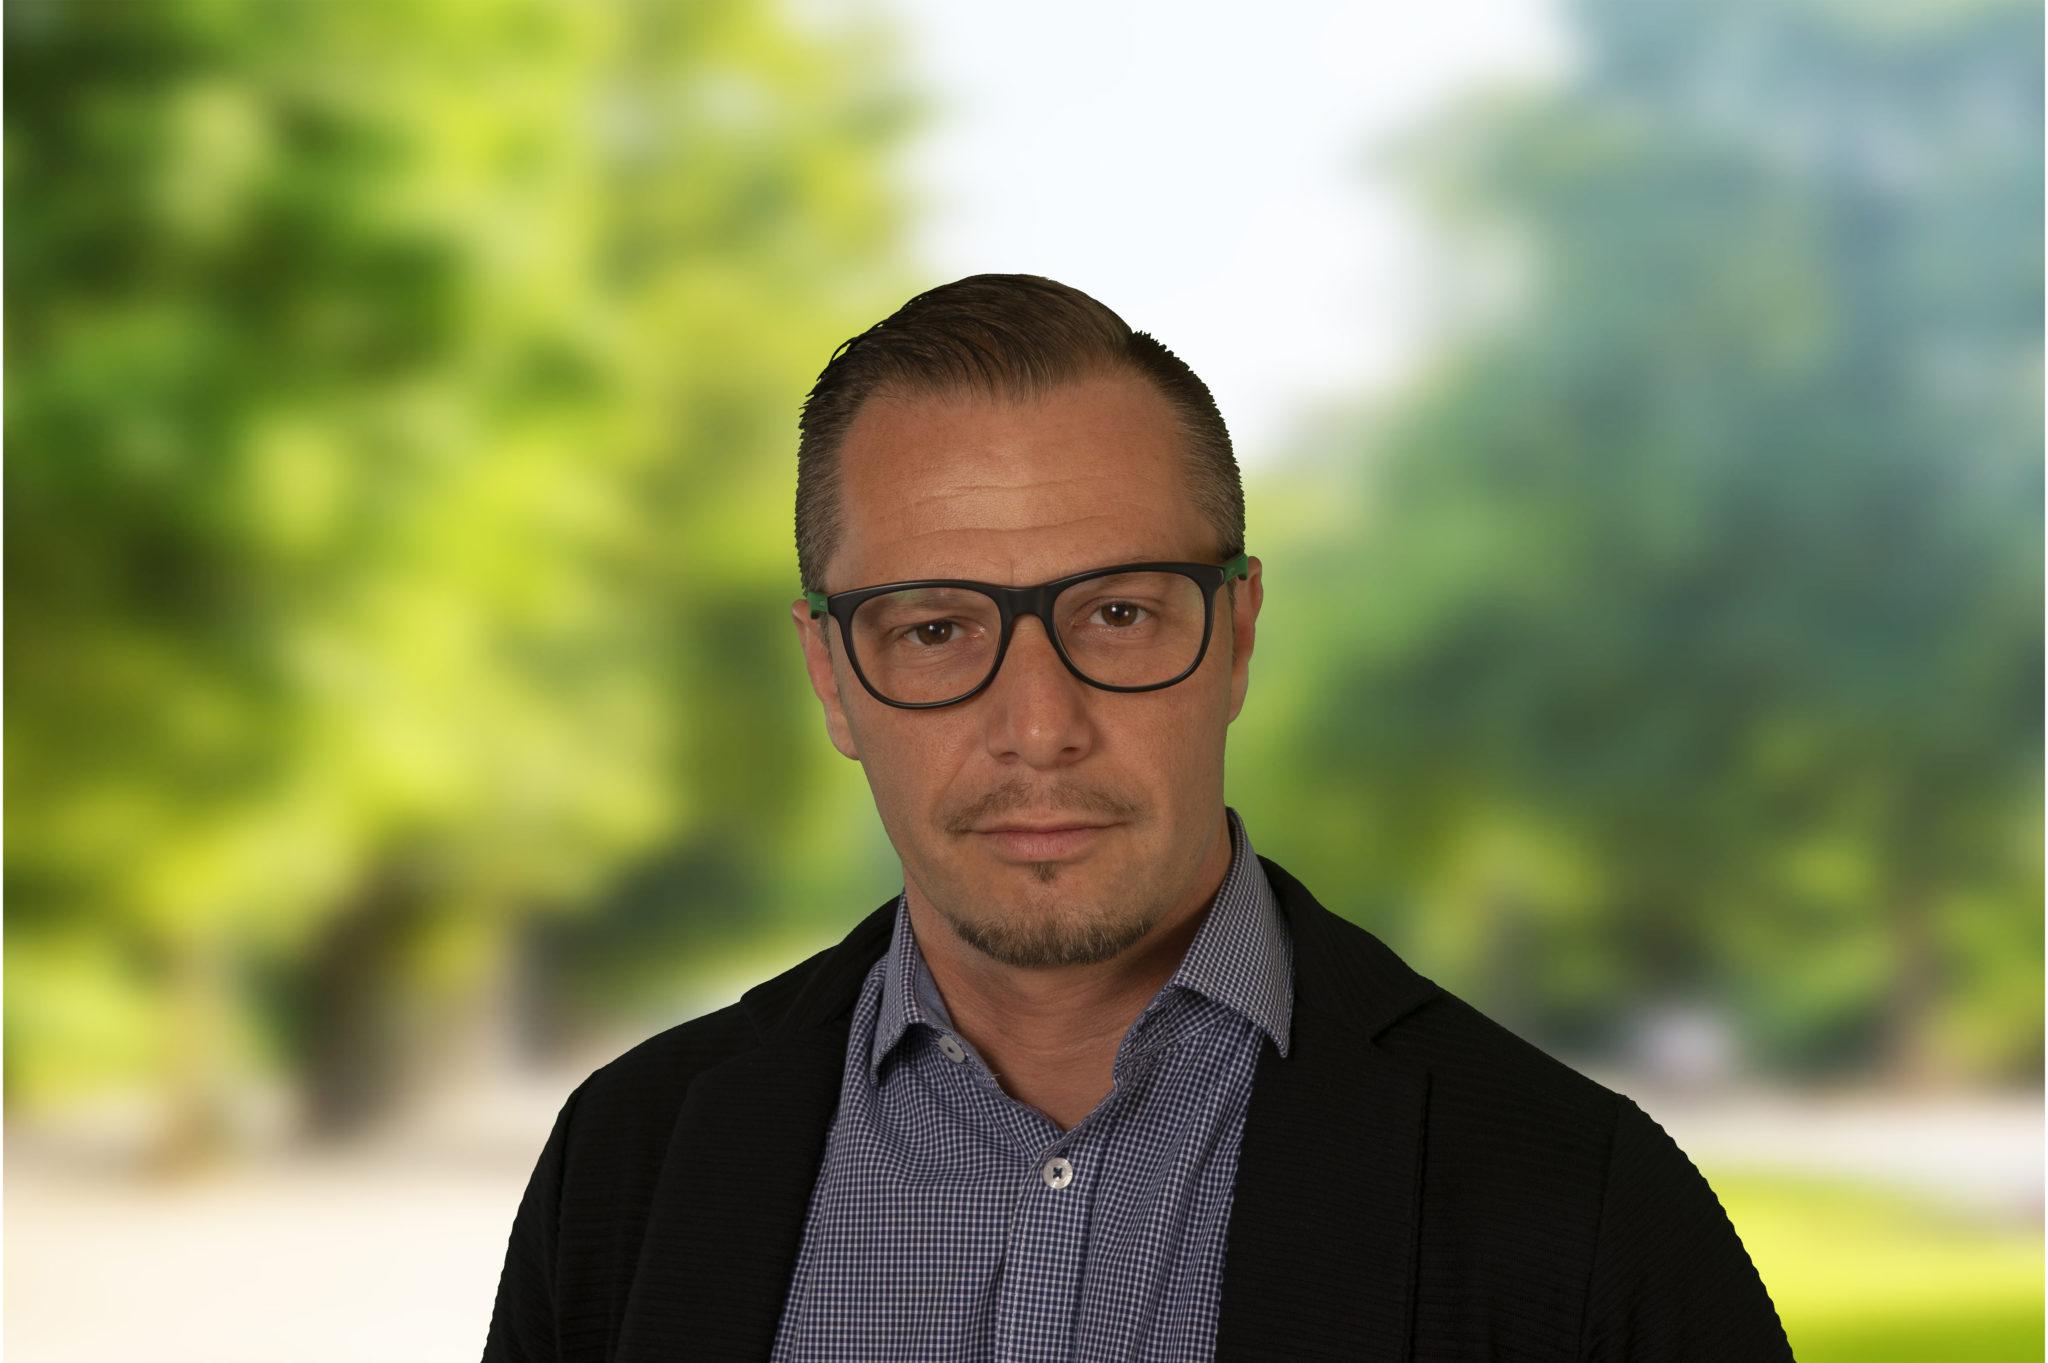 Eric Battista Cazzoli